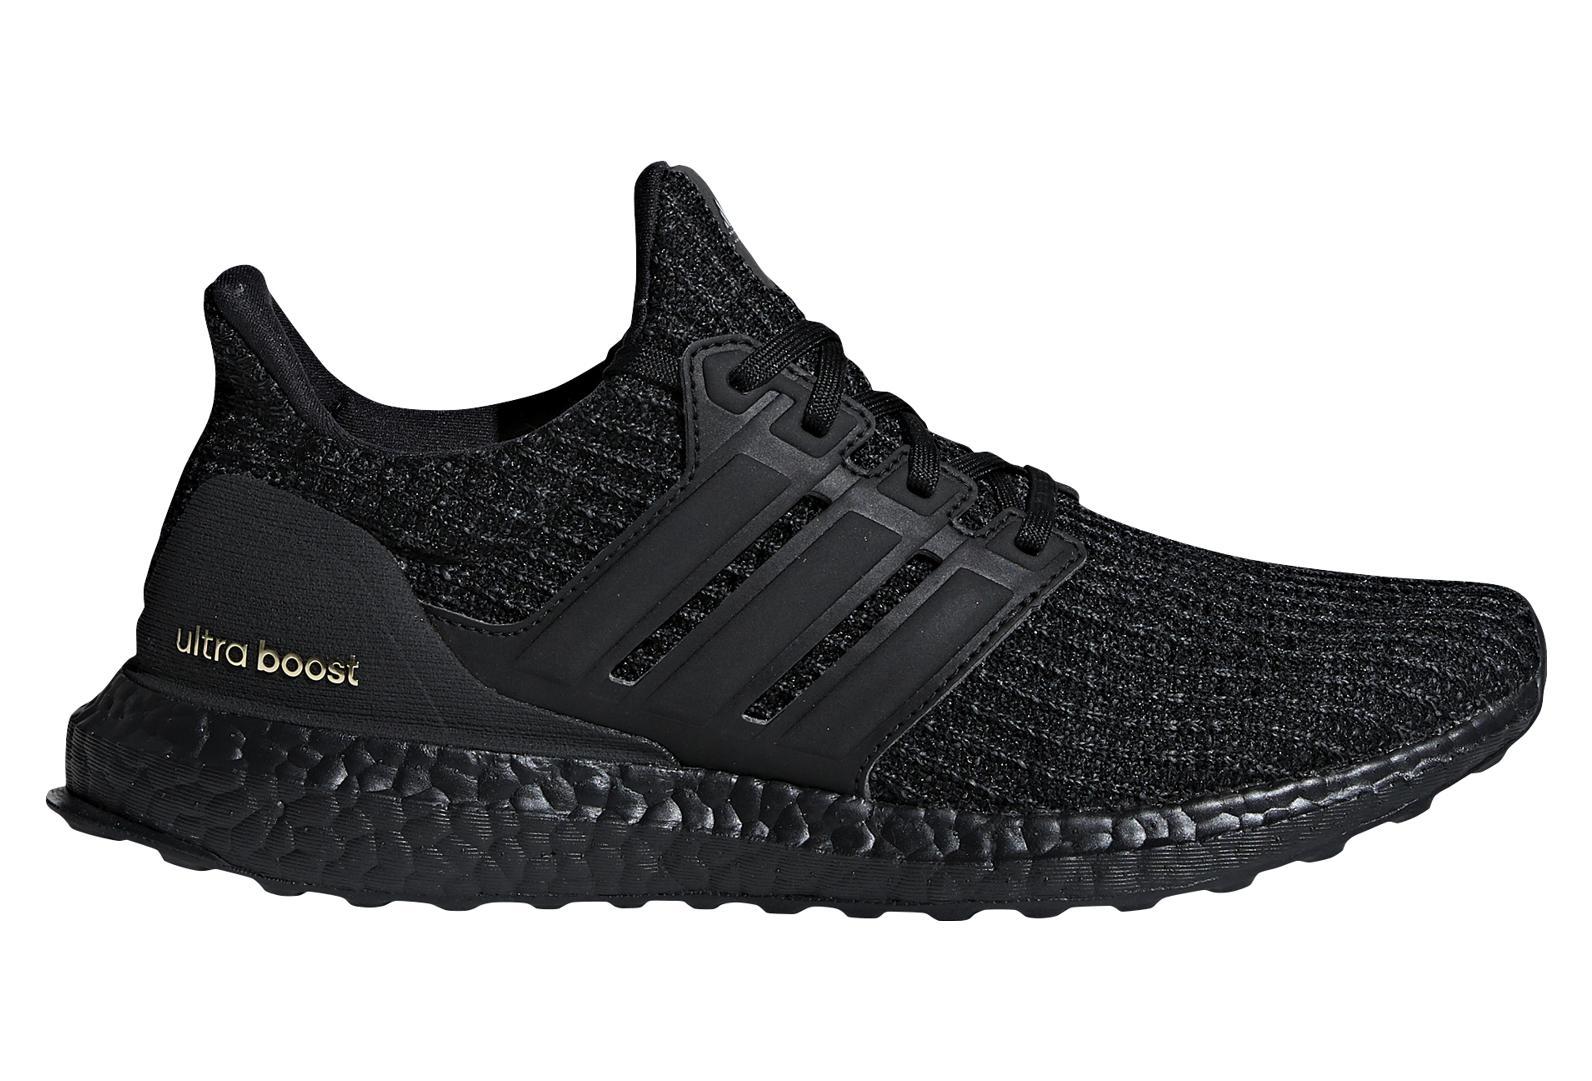 Chaussures Adidas UltraBOOST Femme Noir